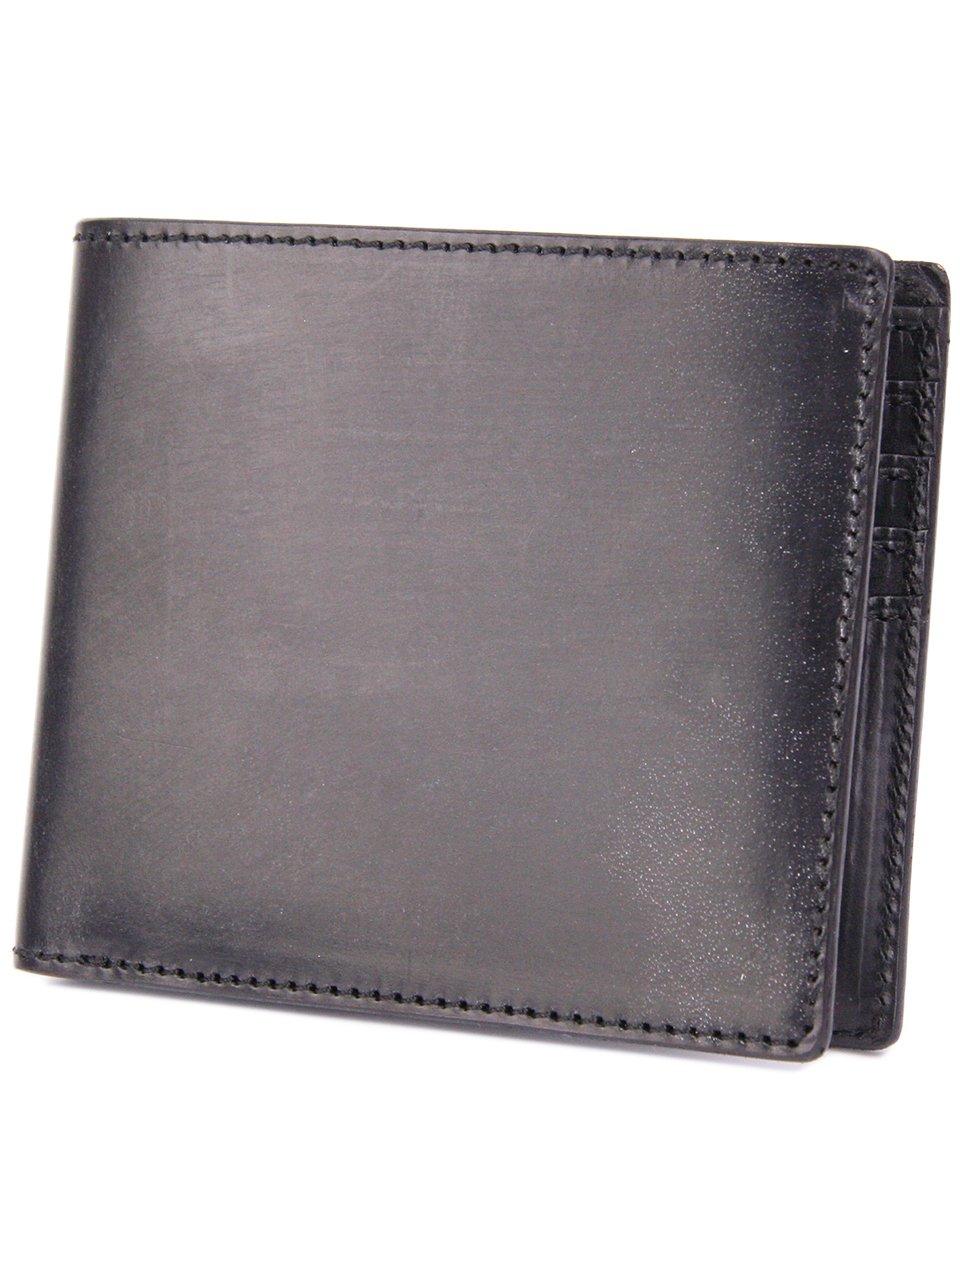 [コルボ] CORBO. -face Bridle Leatherフェイス ブライドルレザー シリーズ 二つ折り財布 1LD-0228 CO-1LD-0228 B006G4HGEW ブラック ブラック